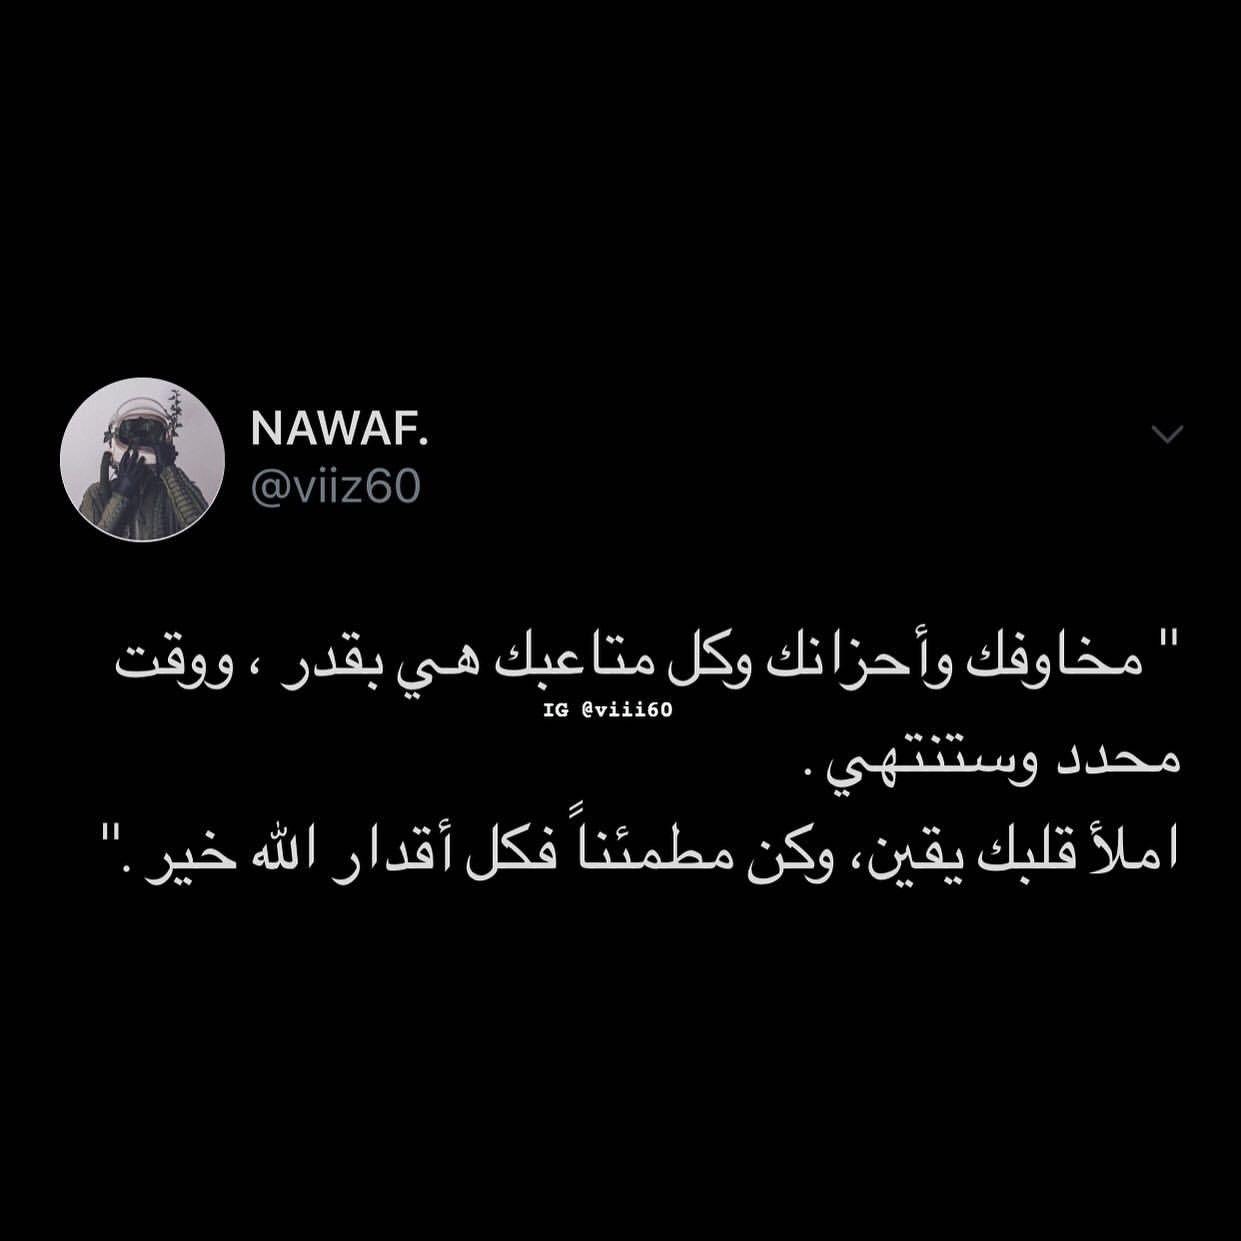 الحمد لله على كل شيئ Jokes Arabic Quotes Quotes